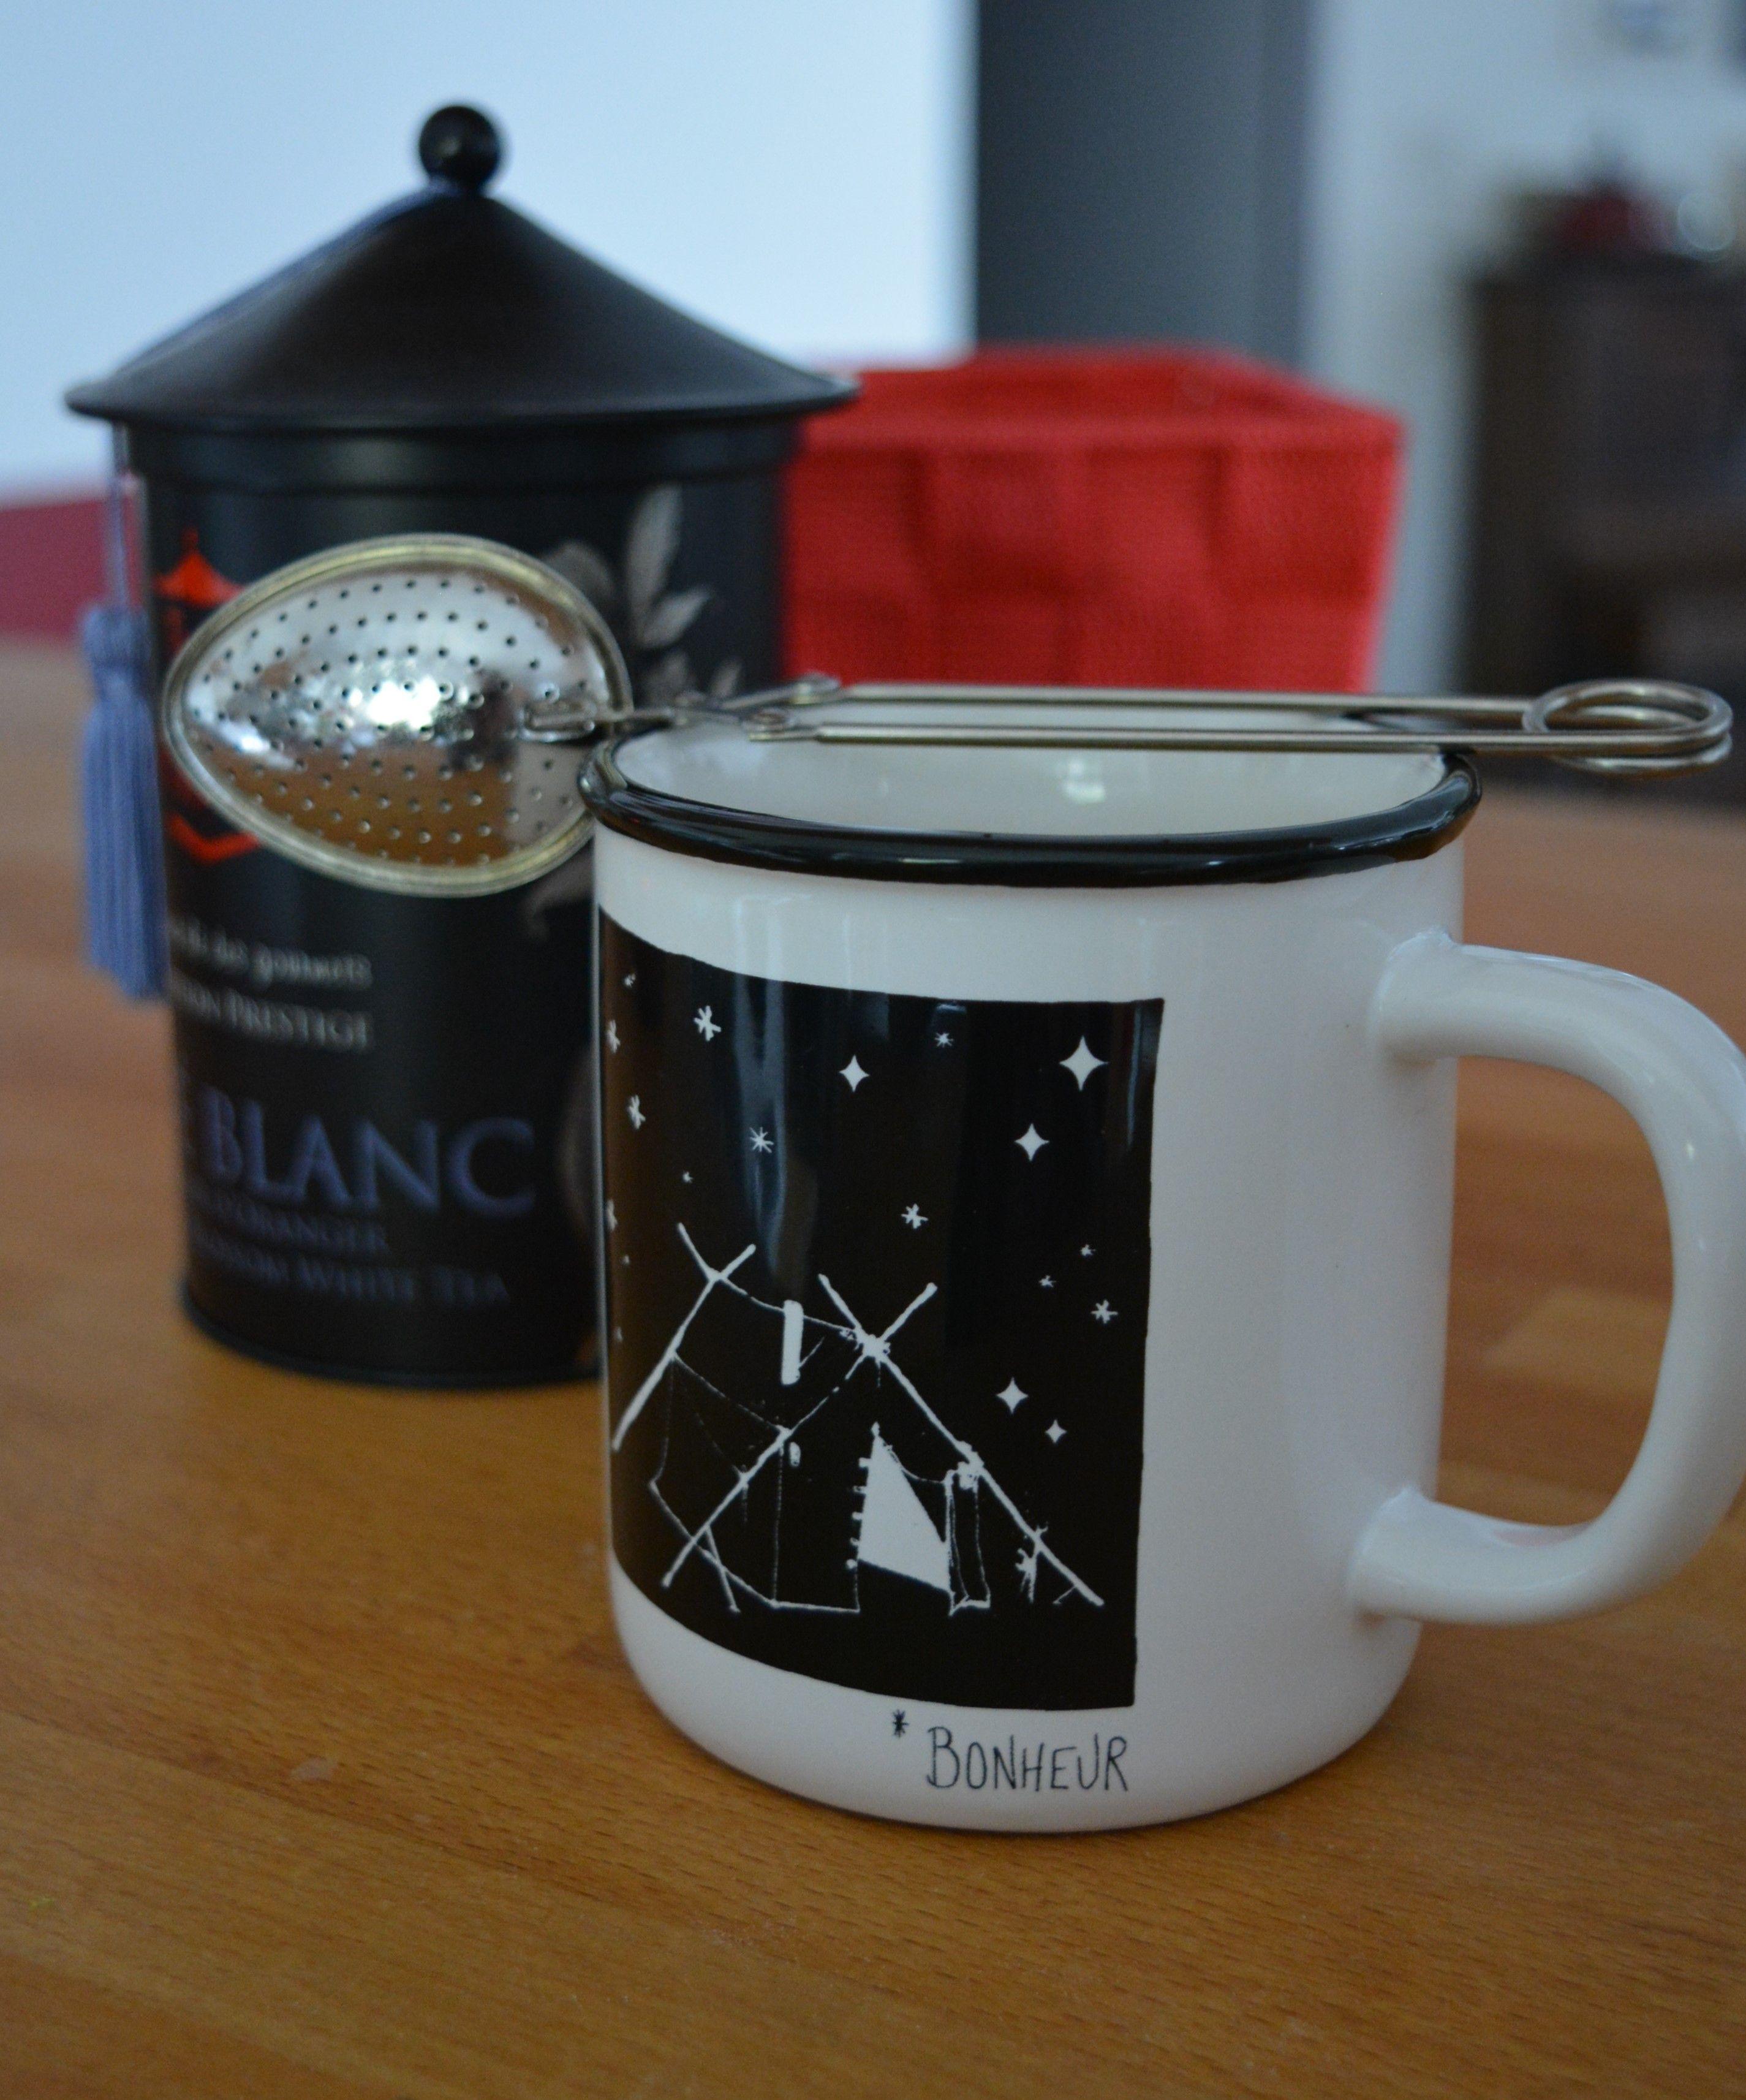 2 - Tea time  #Flow29jours http://bemerryb.blogspot.fr/p/flow29jours-229.html